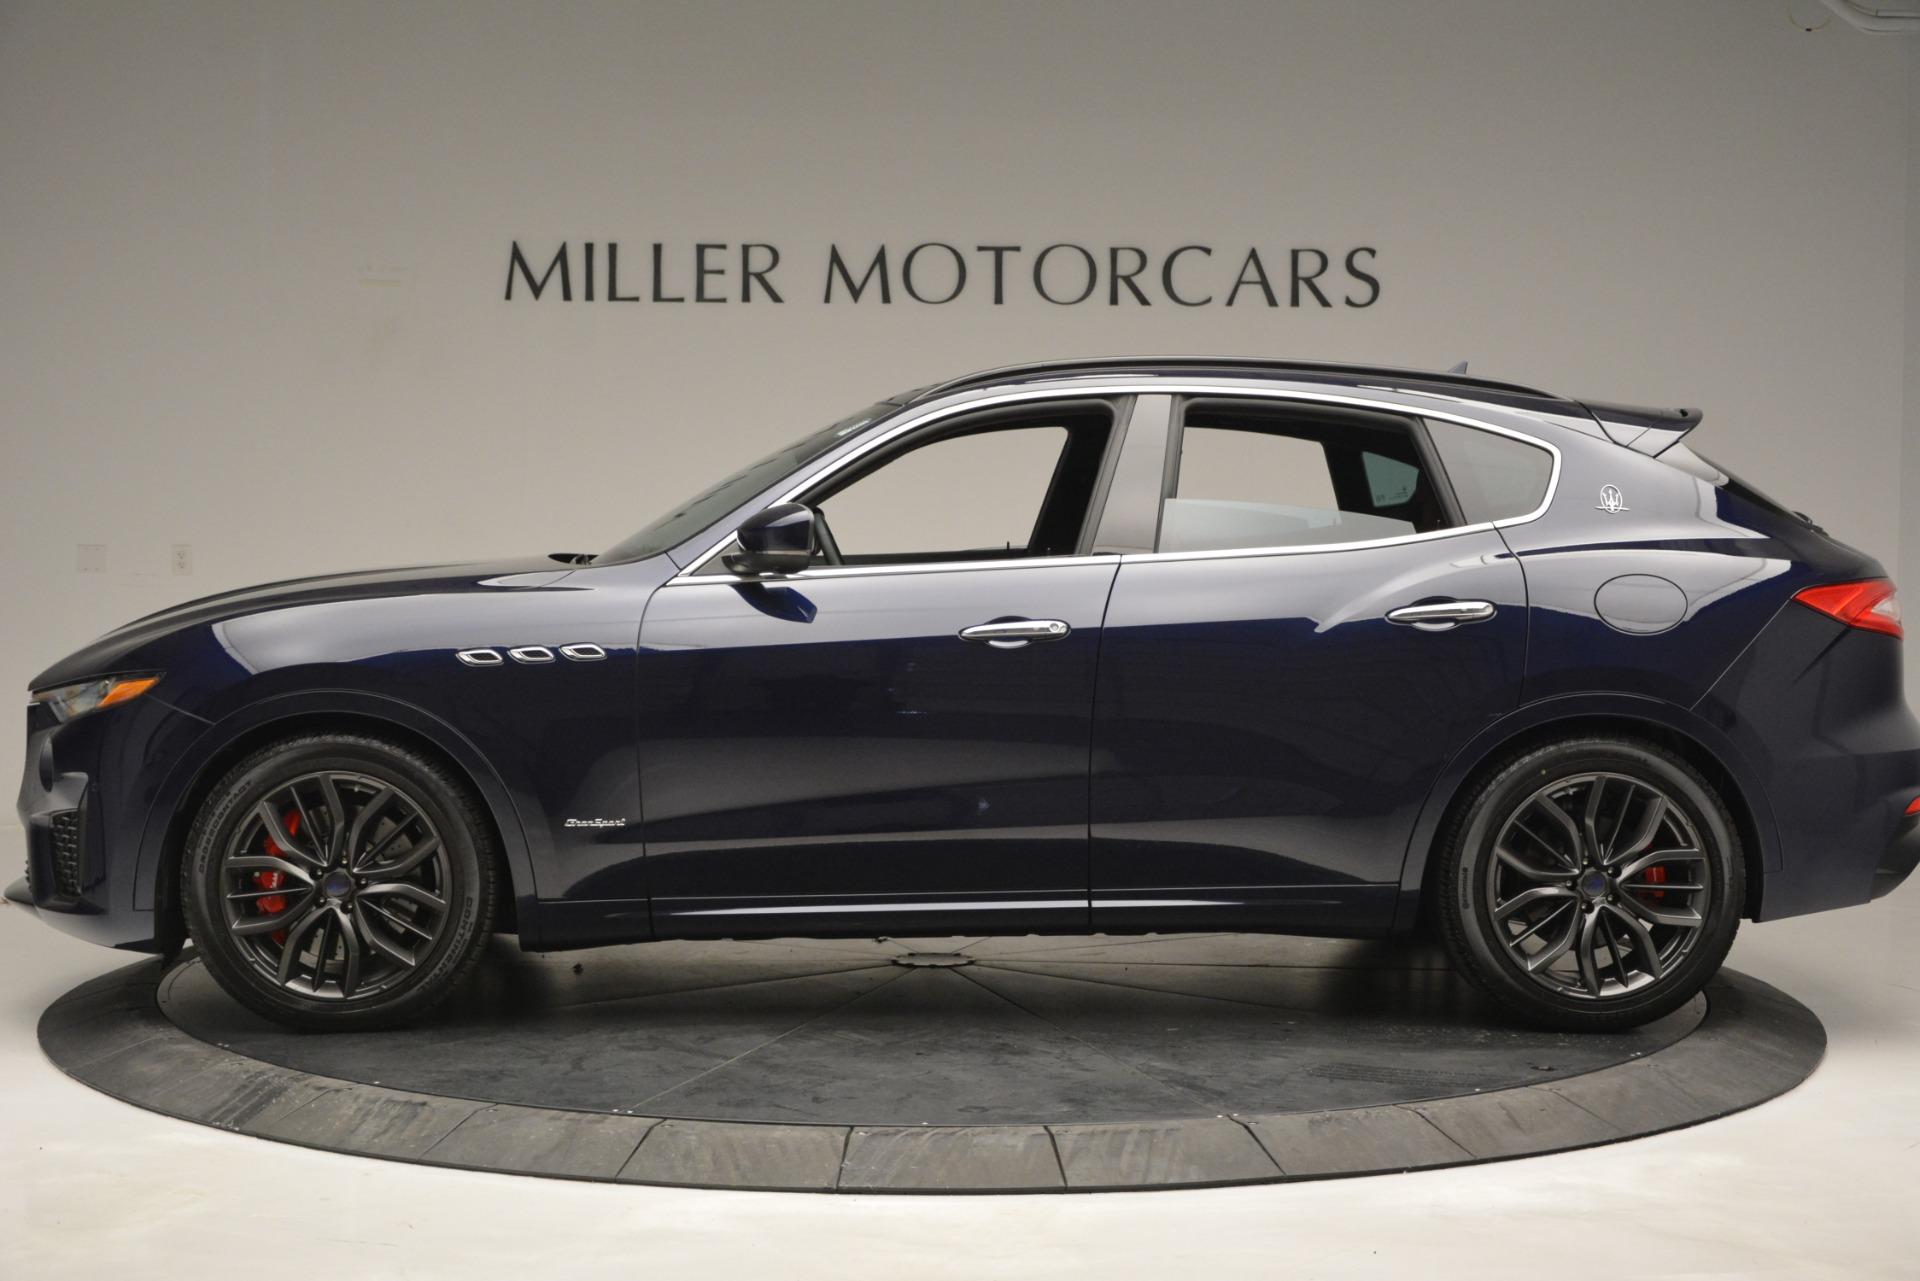 New 2019 Maserati Levante S Q4 GranSport For Sale In Greenwich, CT 2613_p3